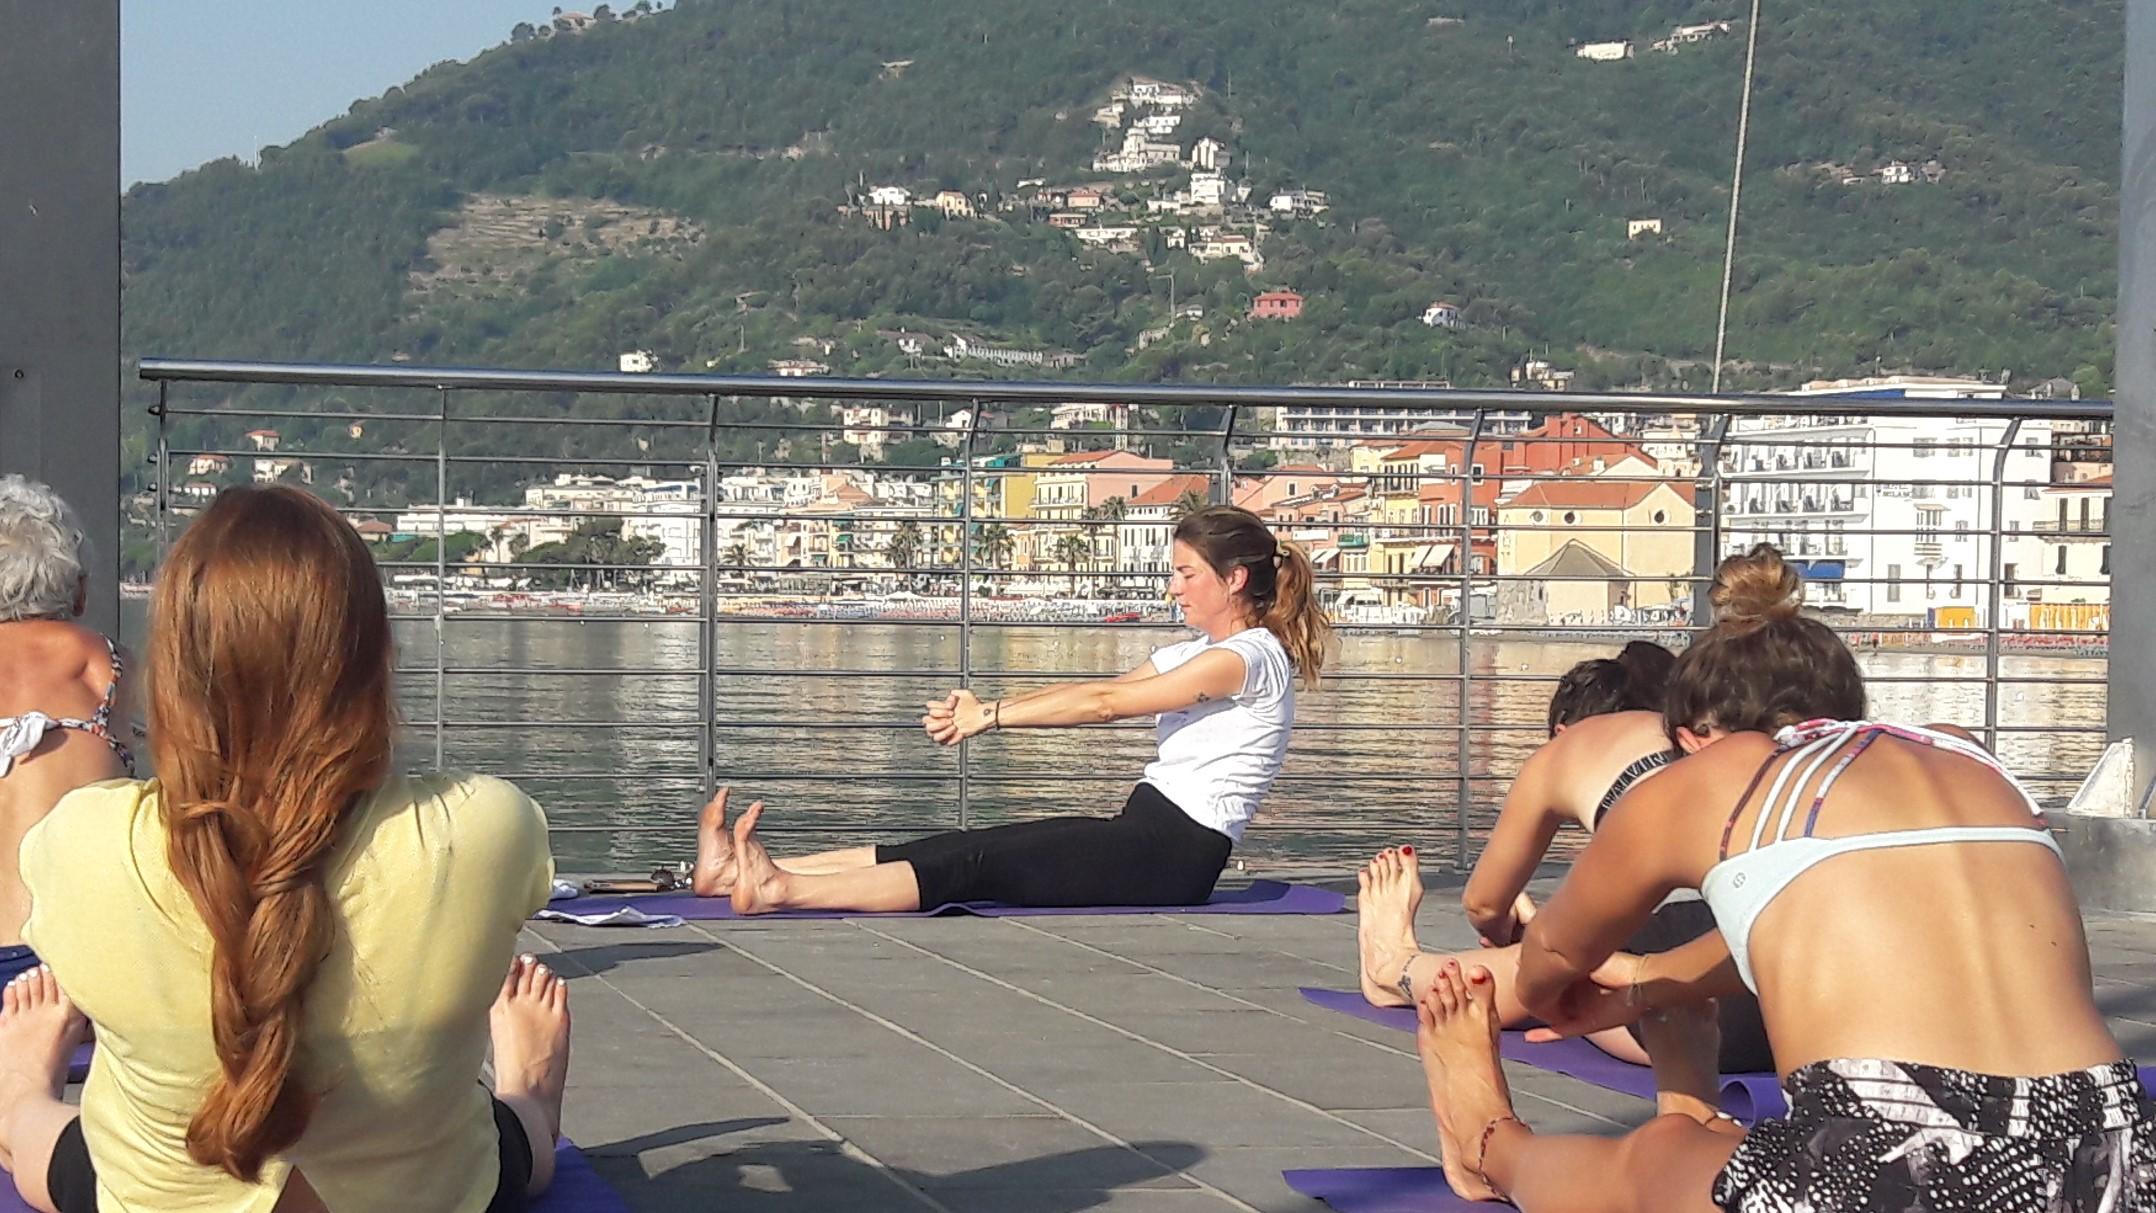 essere-free-yoga-gratuito-benessere-per-tutti-village-citta-alassio-estate-lucia-ragazzi-summer-town-wellness-010